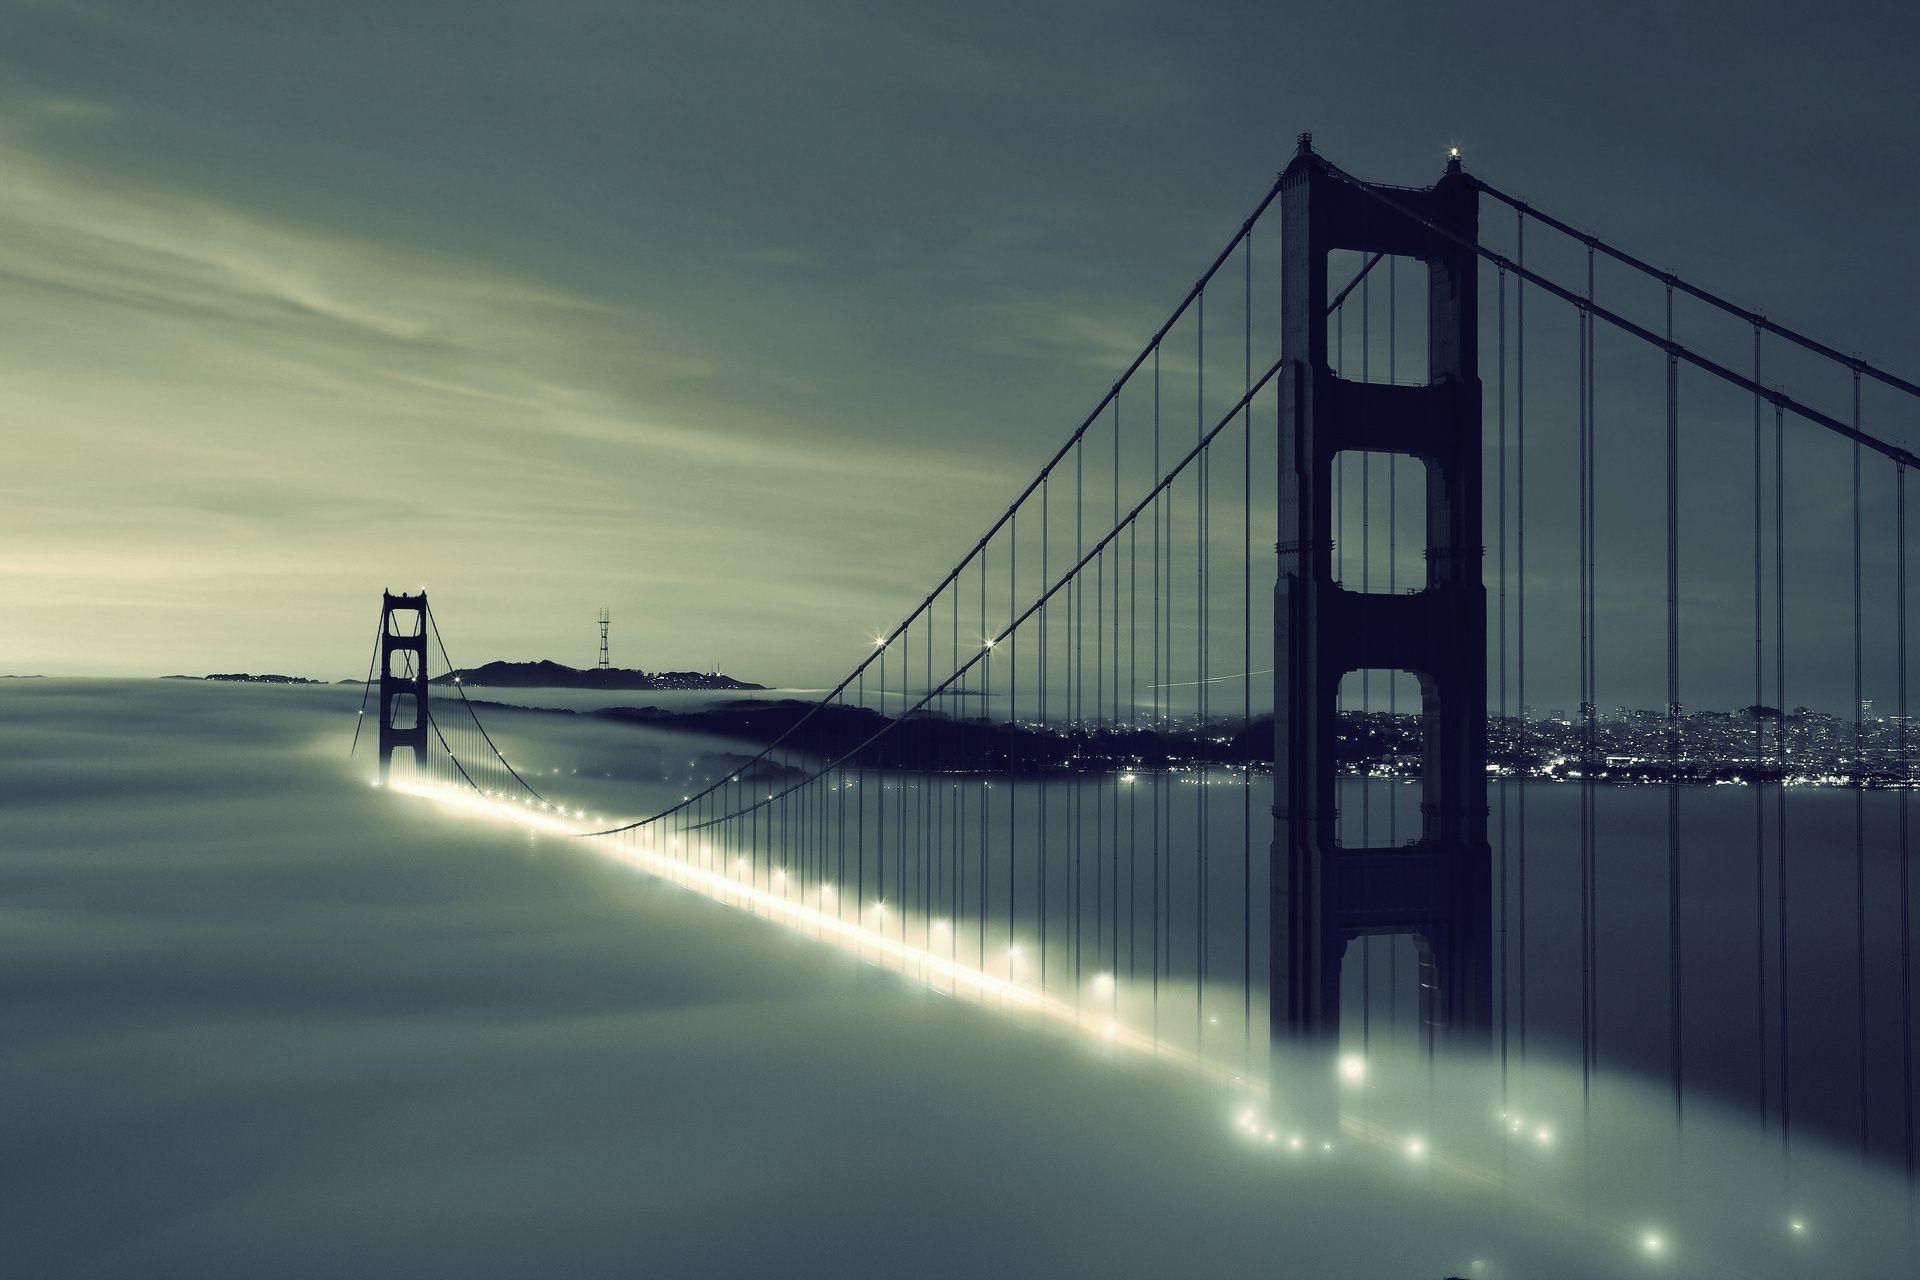 красивые мосты обои на рабочий стол № 183200 бесплатно